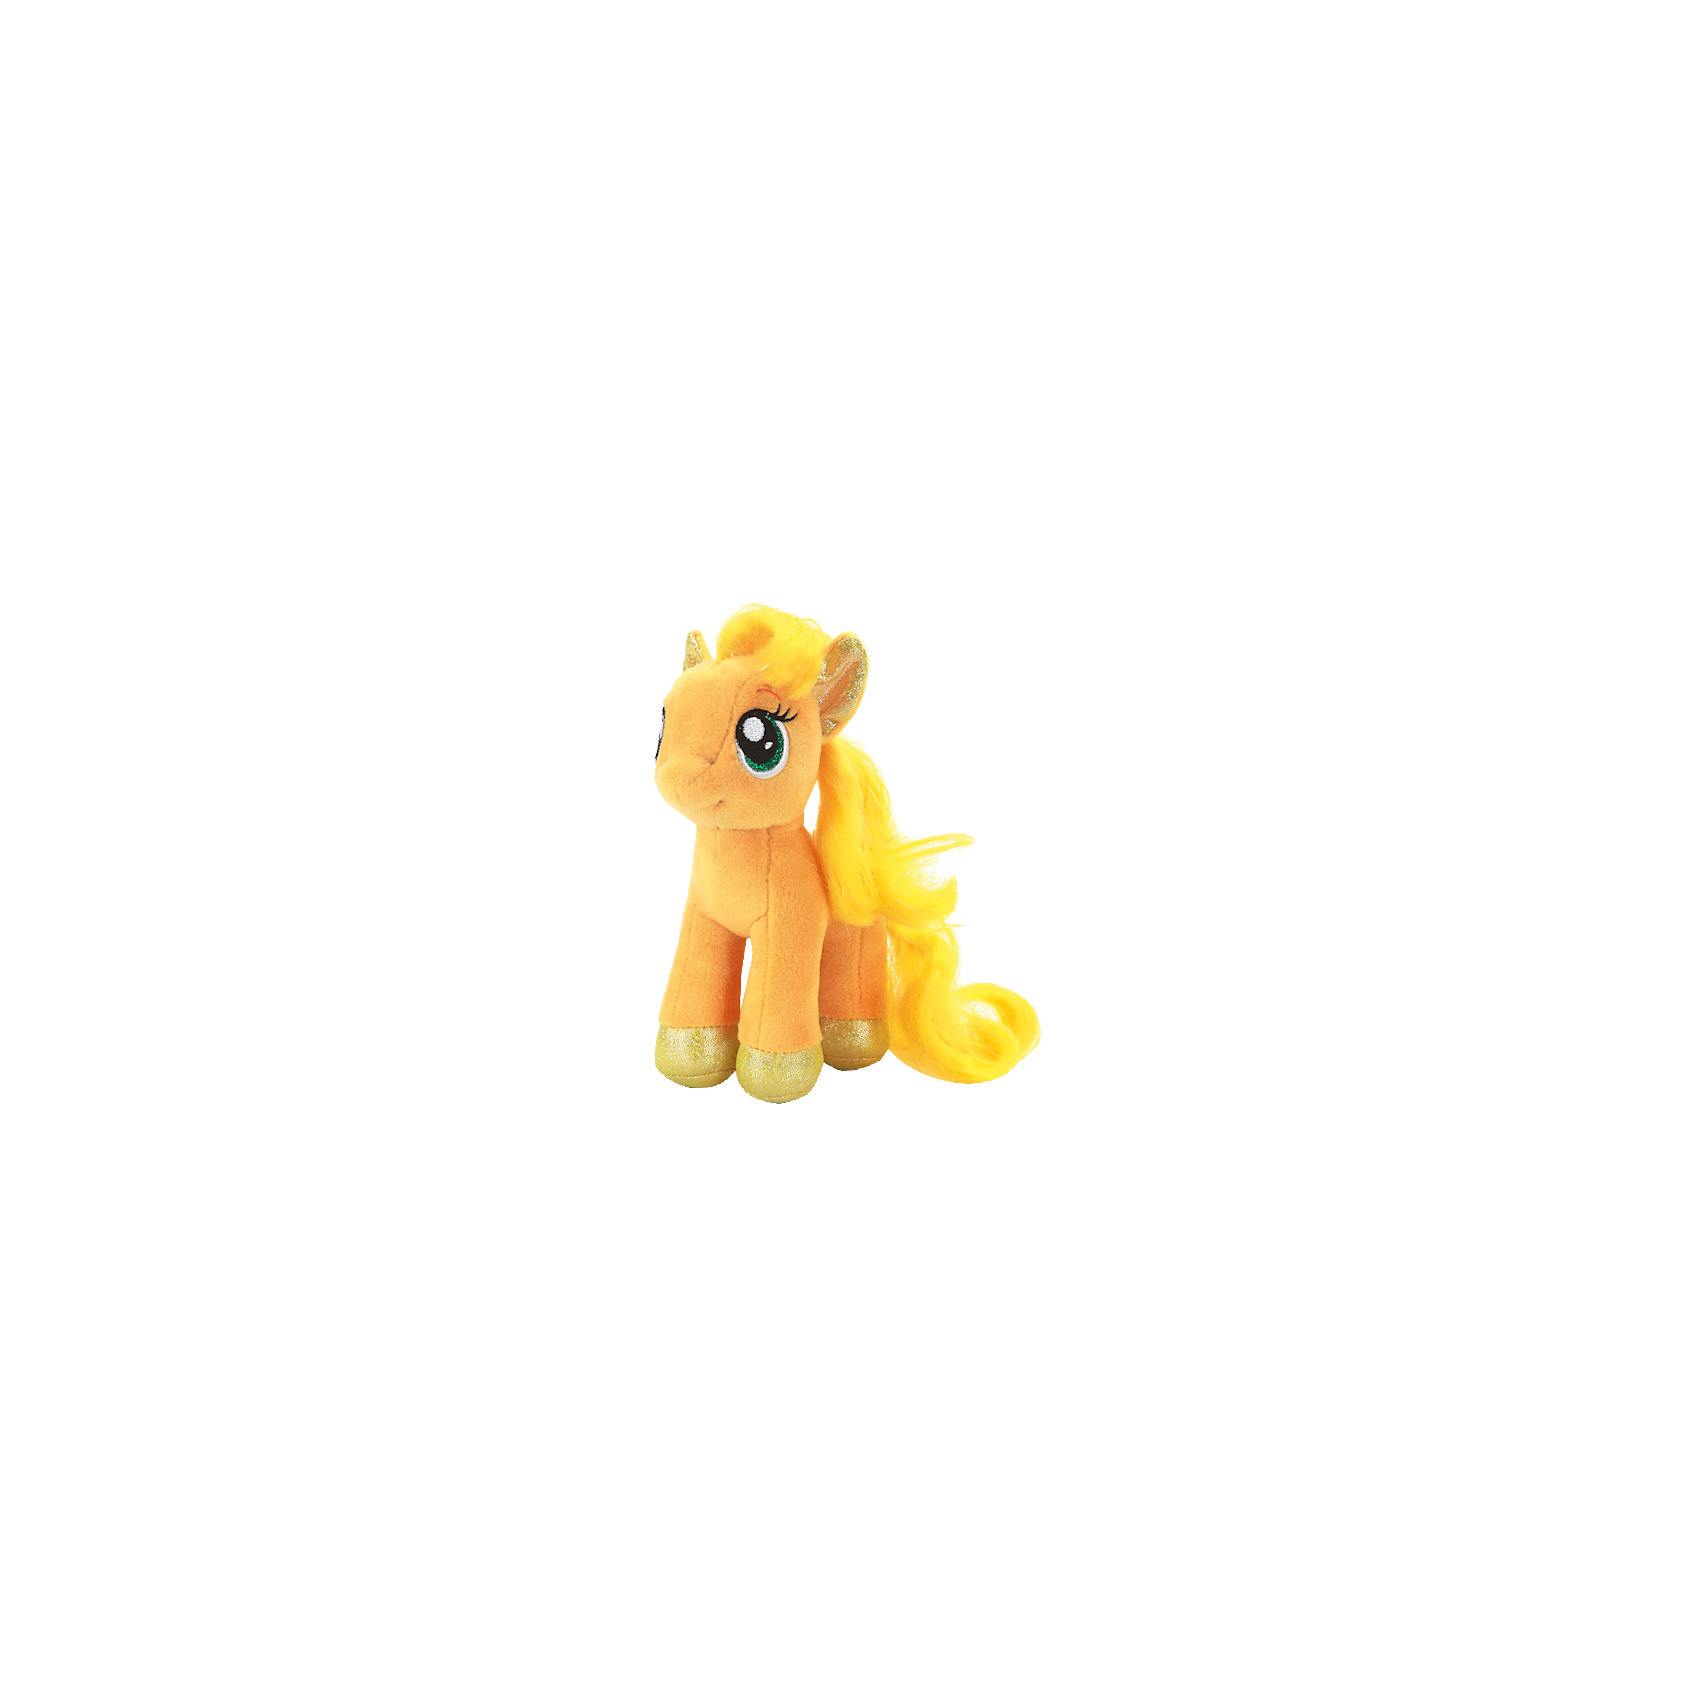 Мягкая игрушка Пони Эпплджек, 18 см, со звуком, My little Pony, МУЛЬТИ-ПУЛЬТИОчаровательная пони приведет в восторг всех поклонниц мультсериала Моя маленькая пони. Милая Эпплджек имеет большие выразительные глаза, пышную гриву и хвост. Малышка пони споет девочке песенку и позабавит веселыми фразами. <br>Игрушка выполнена из высококачественного материала, хорошо набита, приятна на ощупь. Прекрасный подарок для девочки! <br><br>Дополнительная информация:<br><br>- Материал: пластик, текстиль, синтепон. <br>- Размер куклы: 18 см.<br>- Звуковые эффекты: говорит фразы, поет песенку.<br>- Элемент питания: батарейки (в комплекте).<br><br>Мягкую игрушку Пони Эпплджек, 18 см, со звуком, My little Pony (Май литл Пони), МУЛЬТИ-ПУЛЬТИ, можно купить в нашем магазине.<br><br>Ширина мм: 150<br>Глубина мм: 230<br>Высота мм: 90<br>Вес г: 100<br>Возраст от месяцев: 36<br>Возраст до месяцев: 96<br>Пол: Женский<br>Возраст: Детский<br>SKU: 4614952